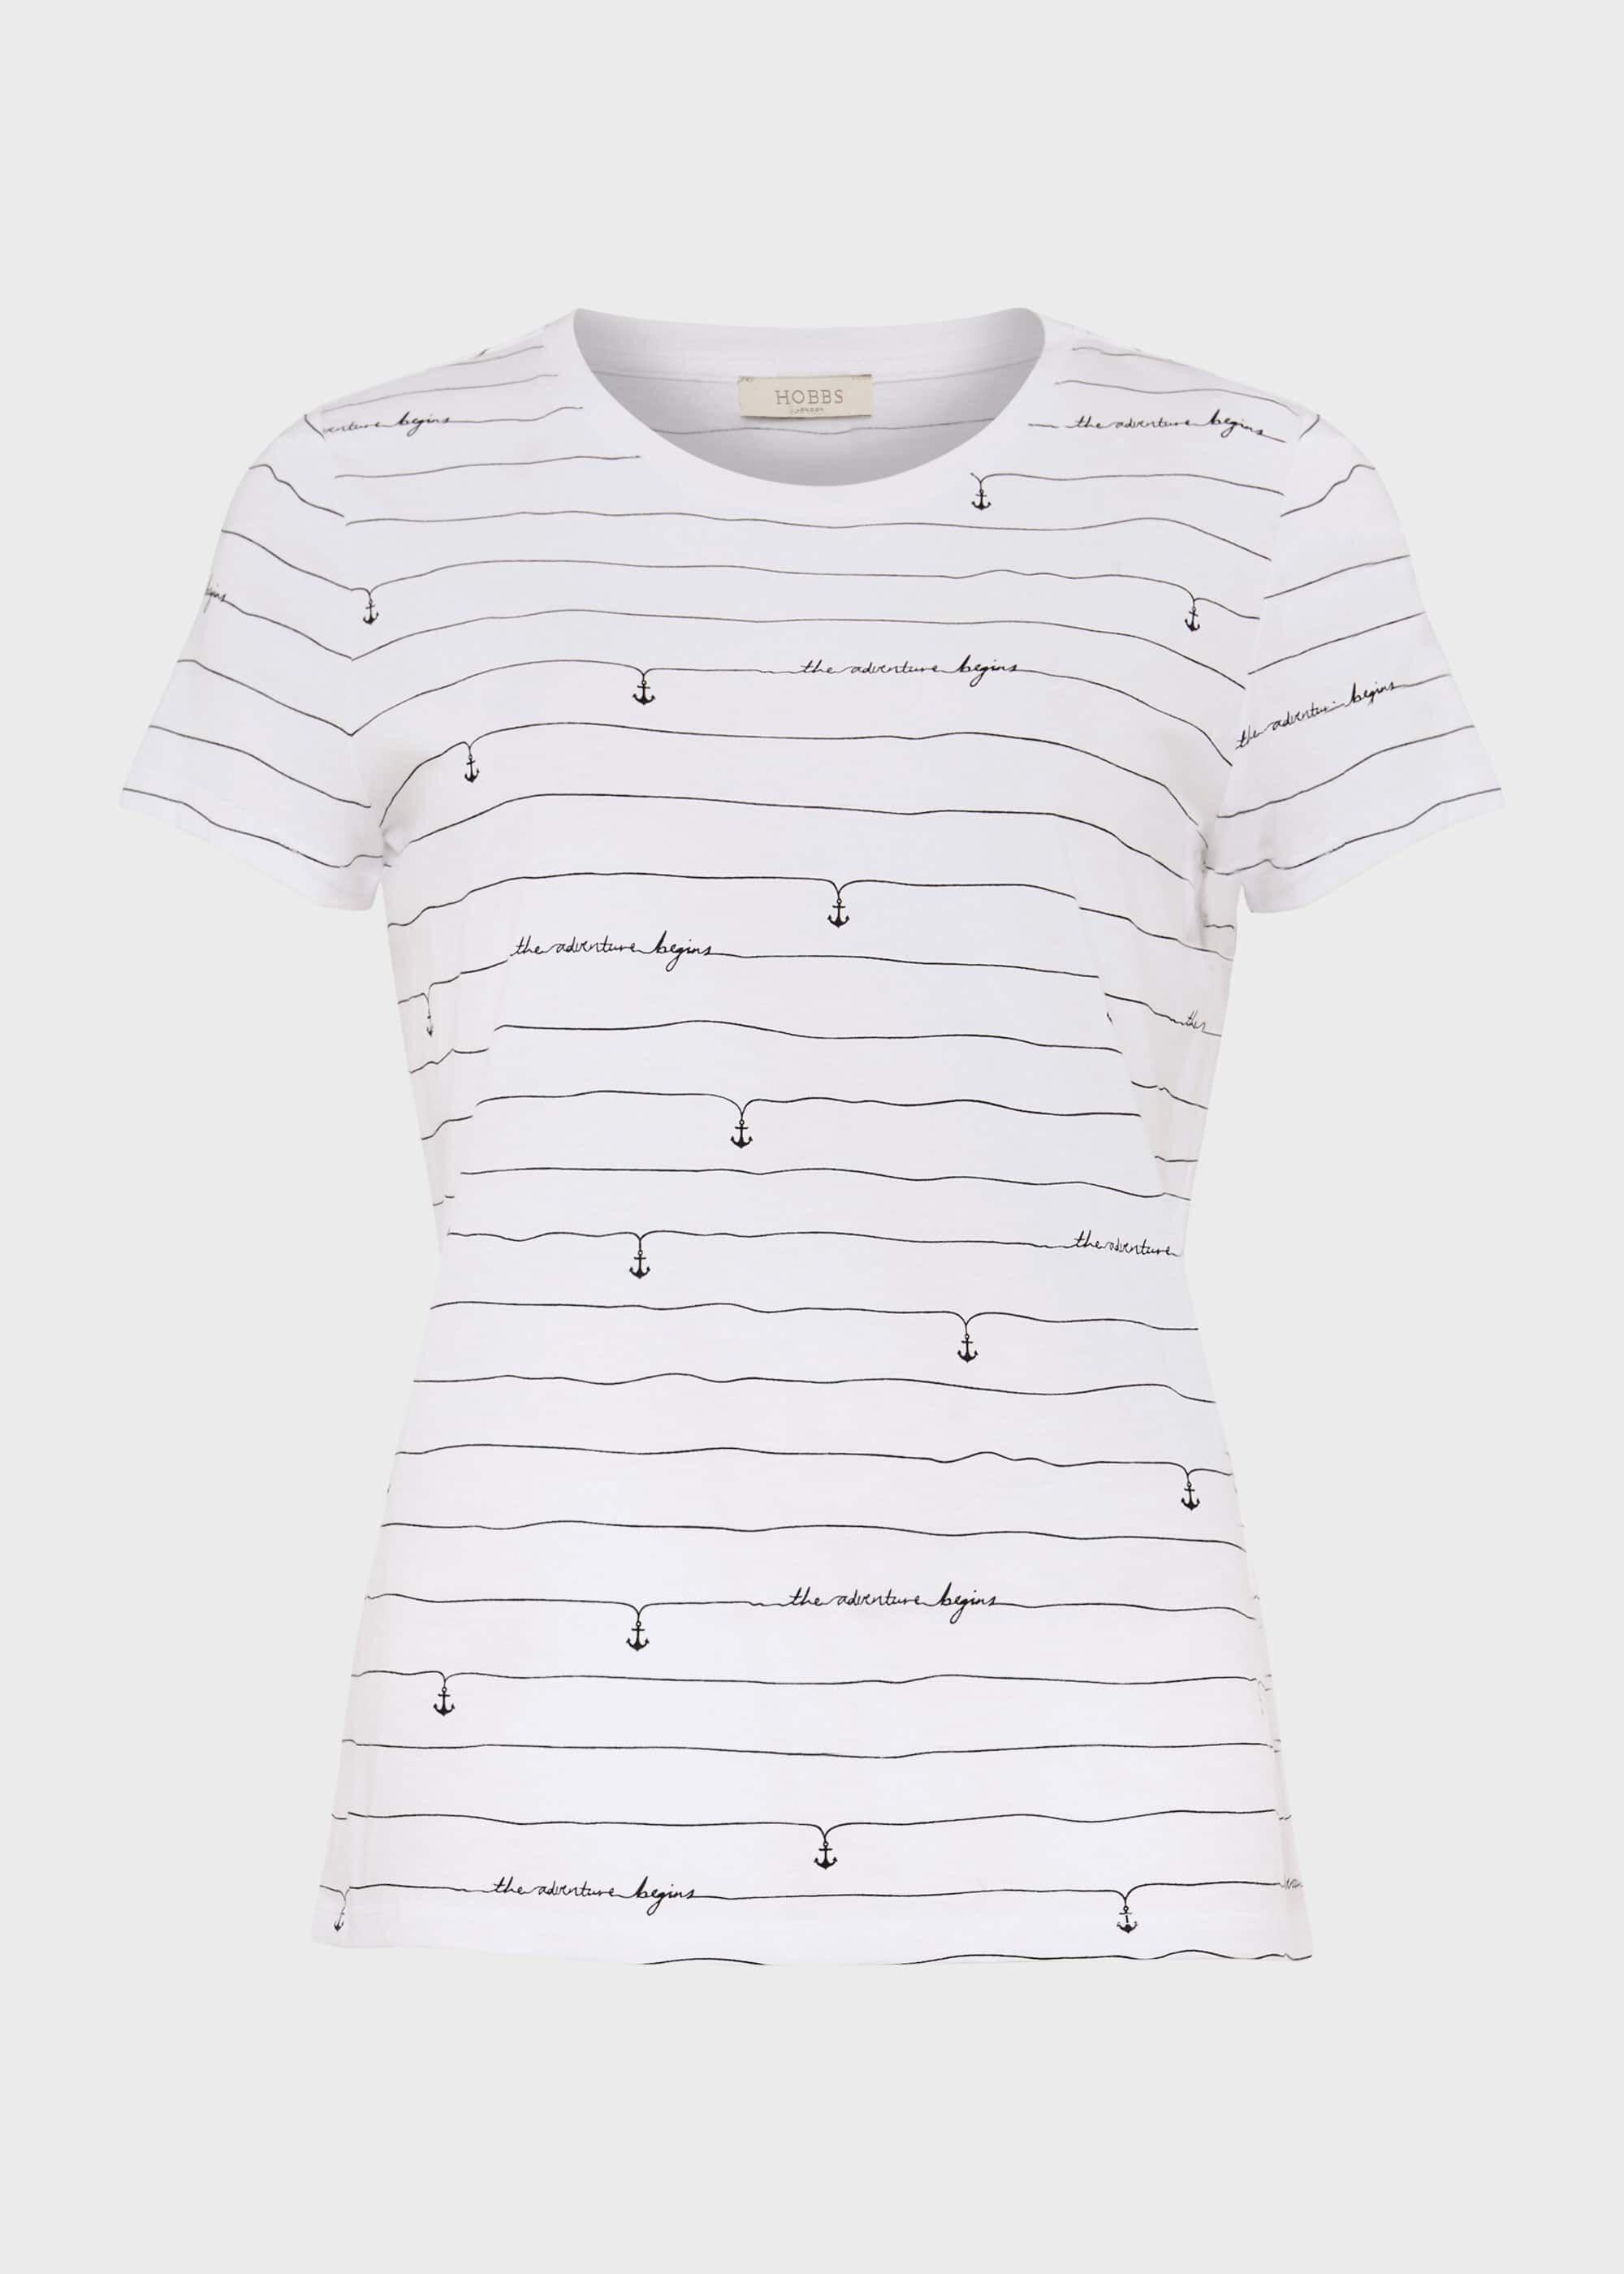 Short Sleeve Shirts LightRed Got Flute Tee Shirt